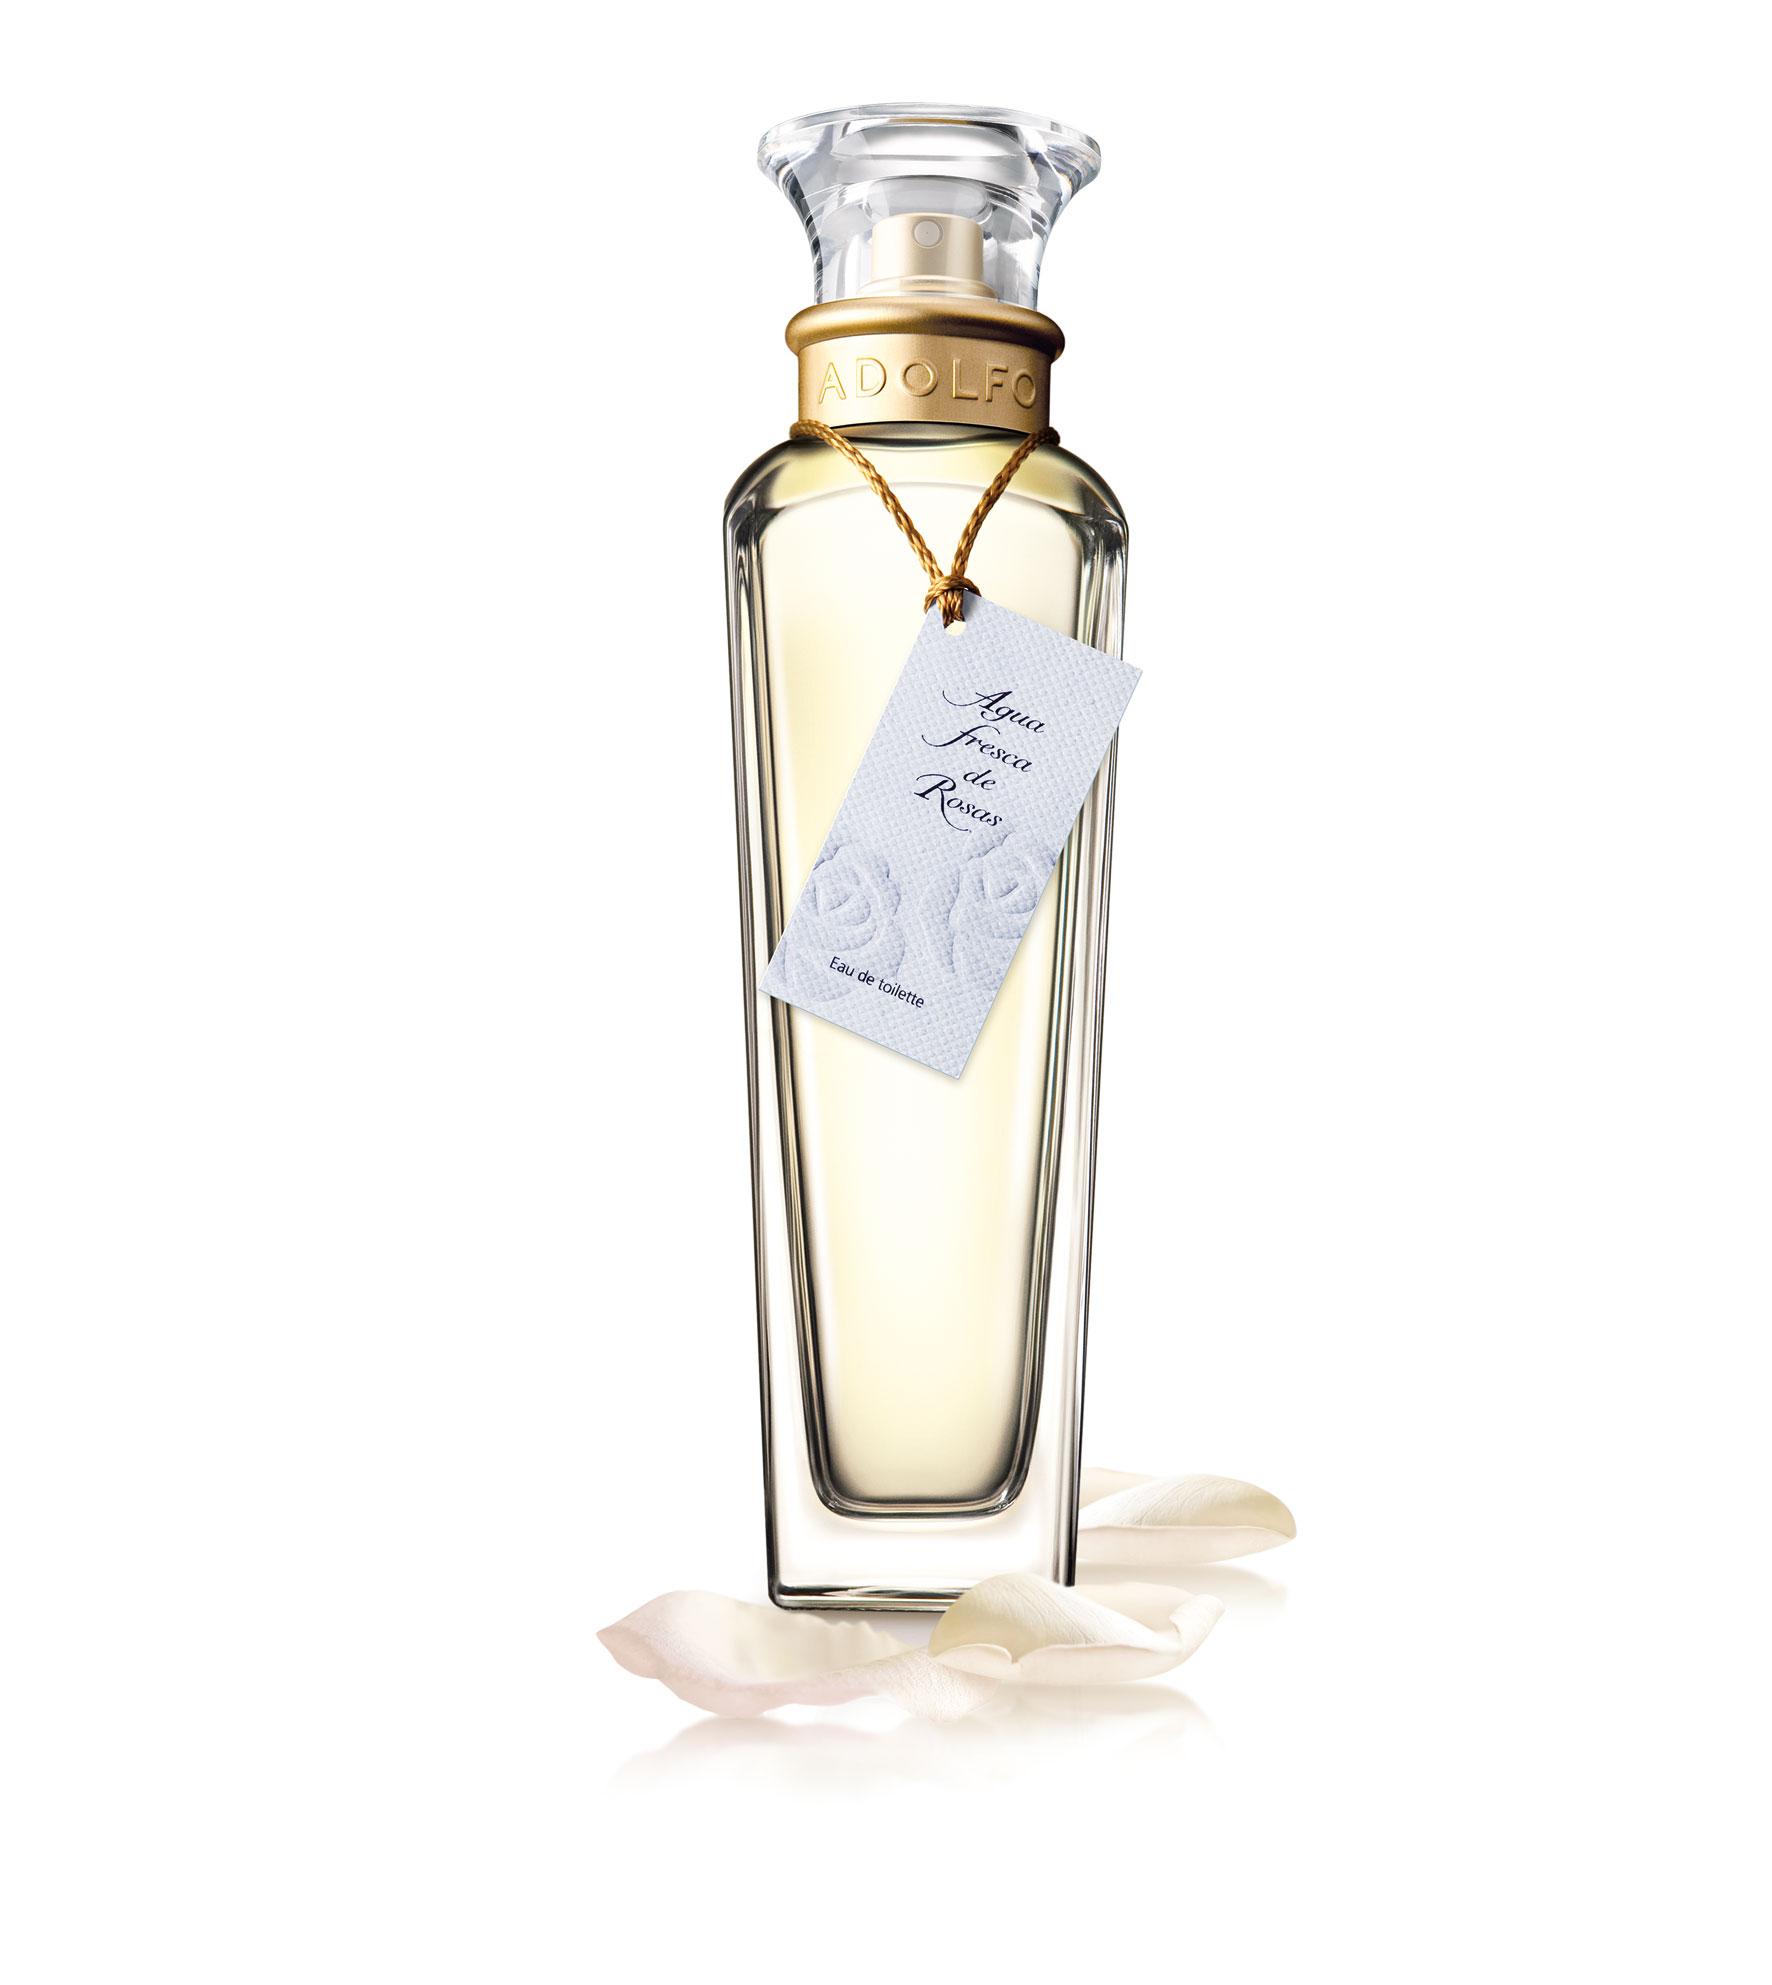 Agua Fresca de Rosas, de Adolfo Domínguez